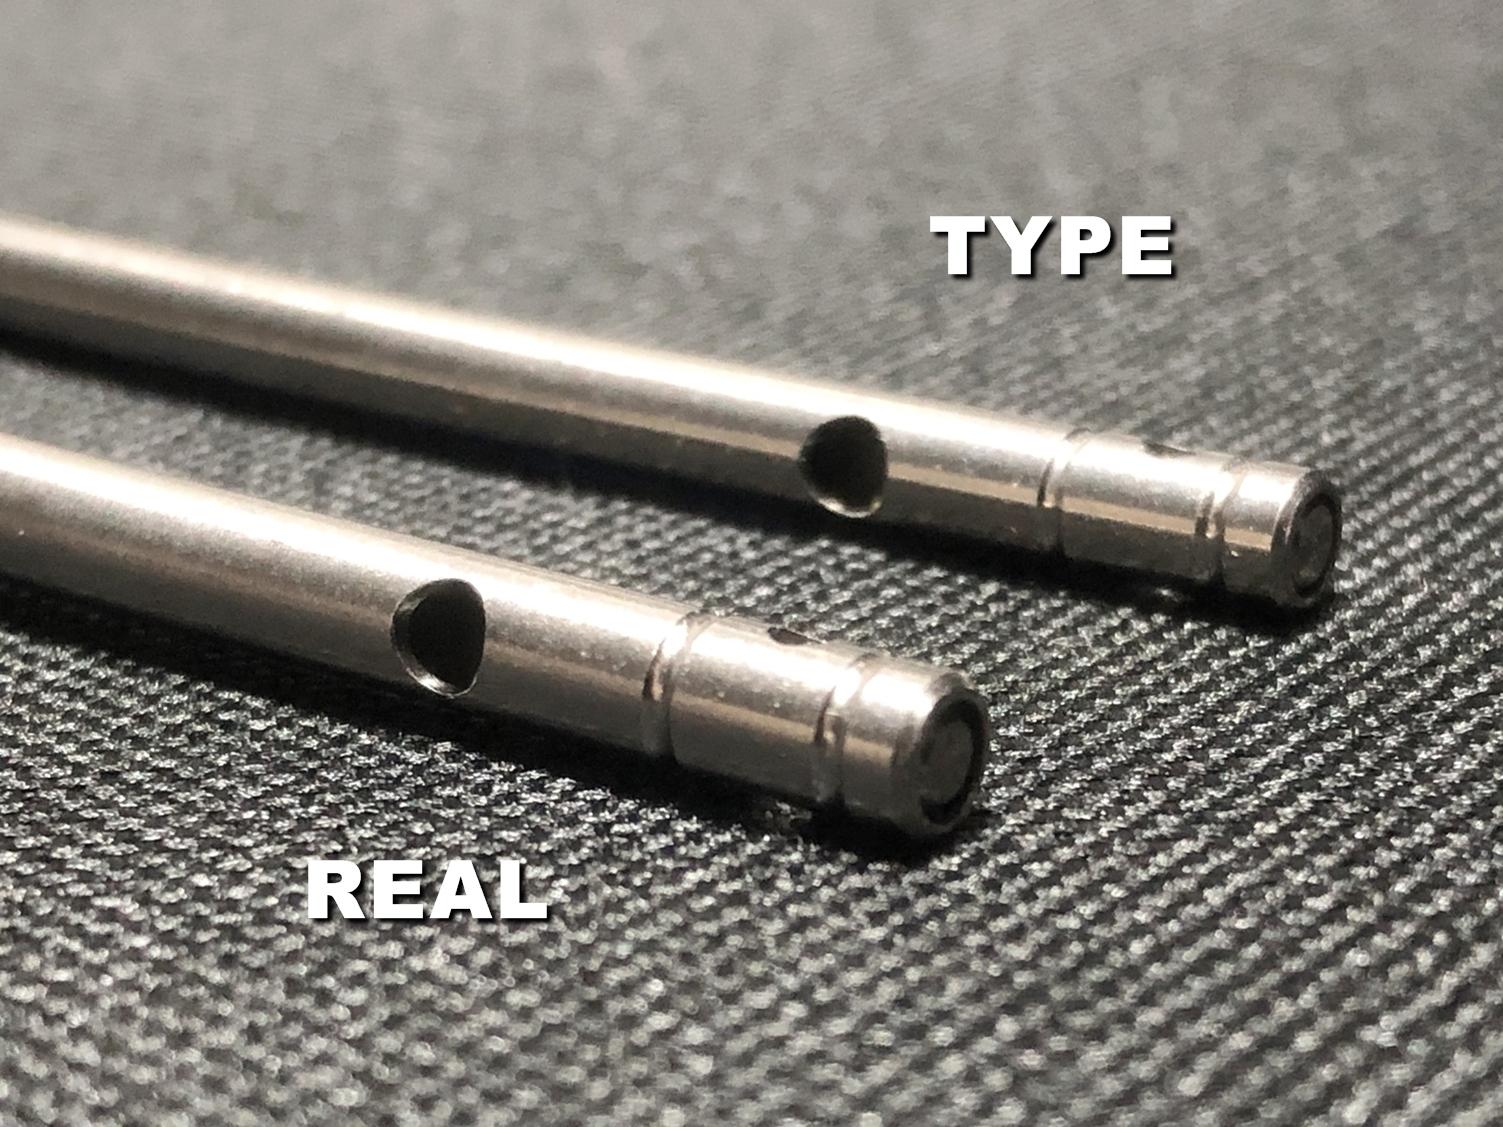 9 実物 & リアルレプリカ AR15 ガスチューブの違いを検証!! AR15 DPMS Real vs SP Type Gas Tube Verify Validate!! M4 N4 トレポン MWS 次世代 電動ガン 比較 レビュー!!